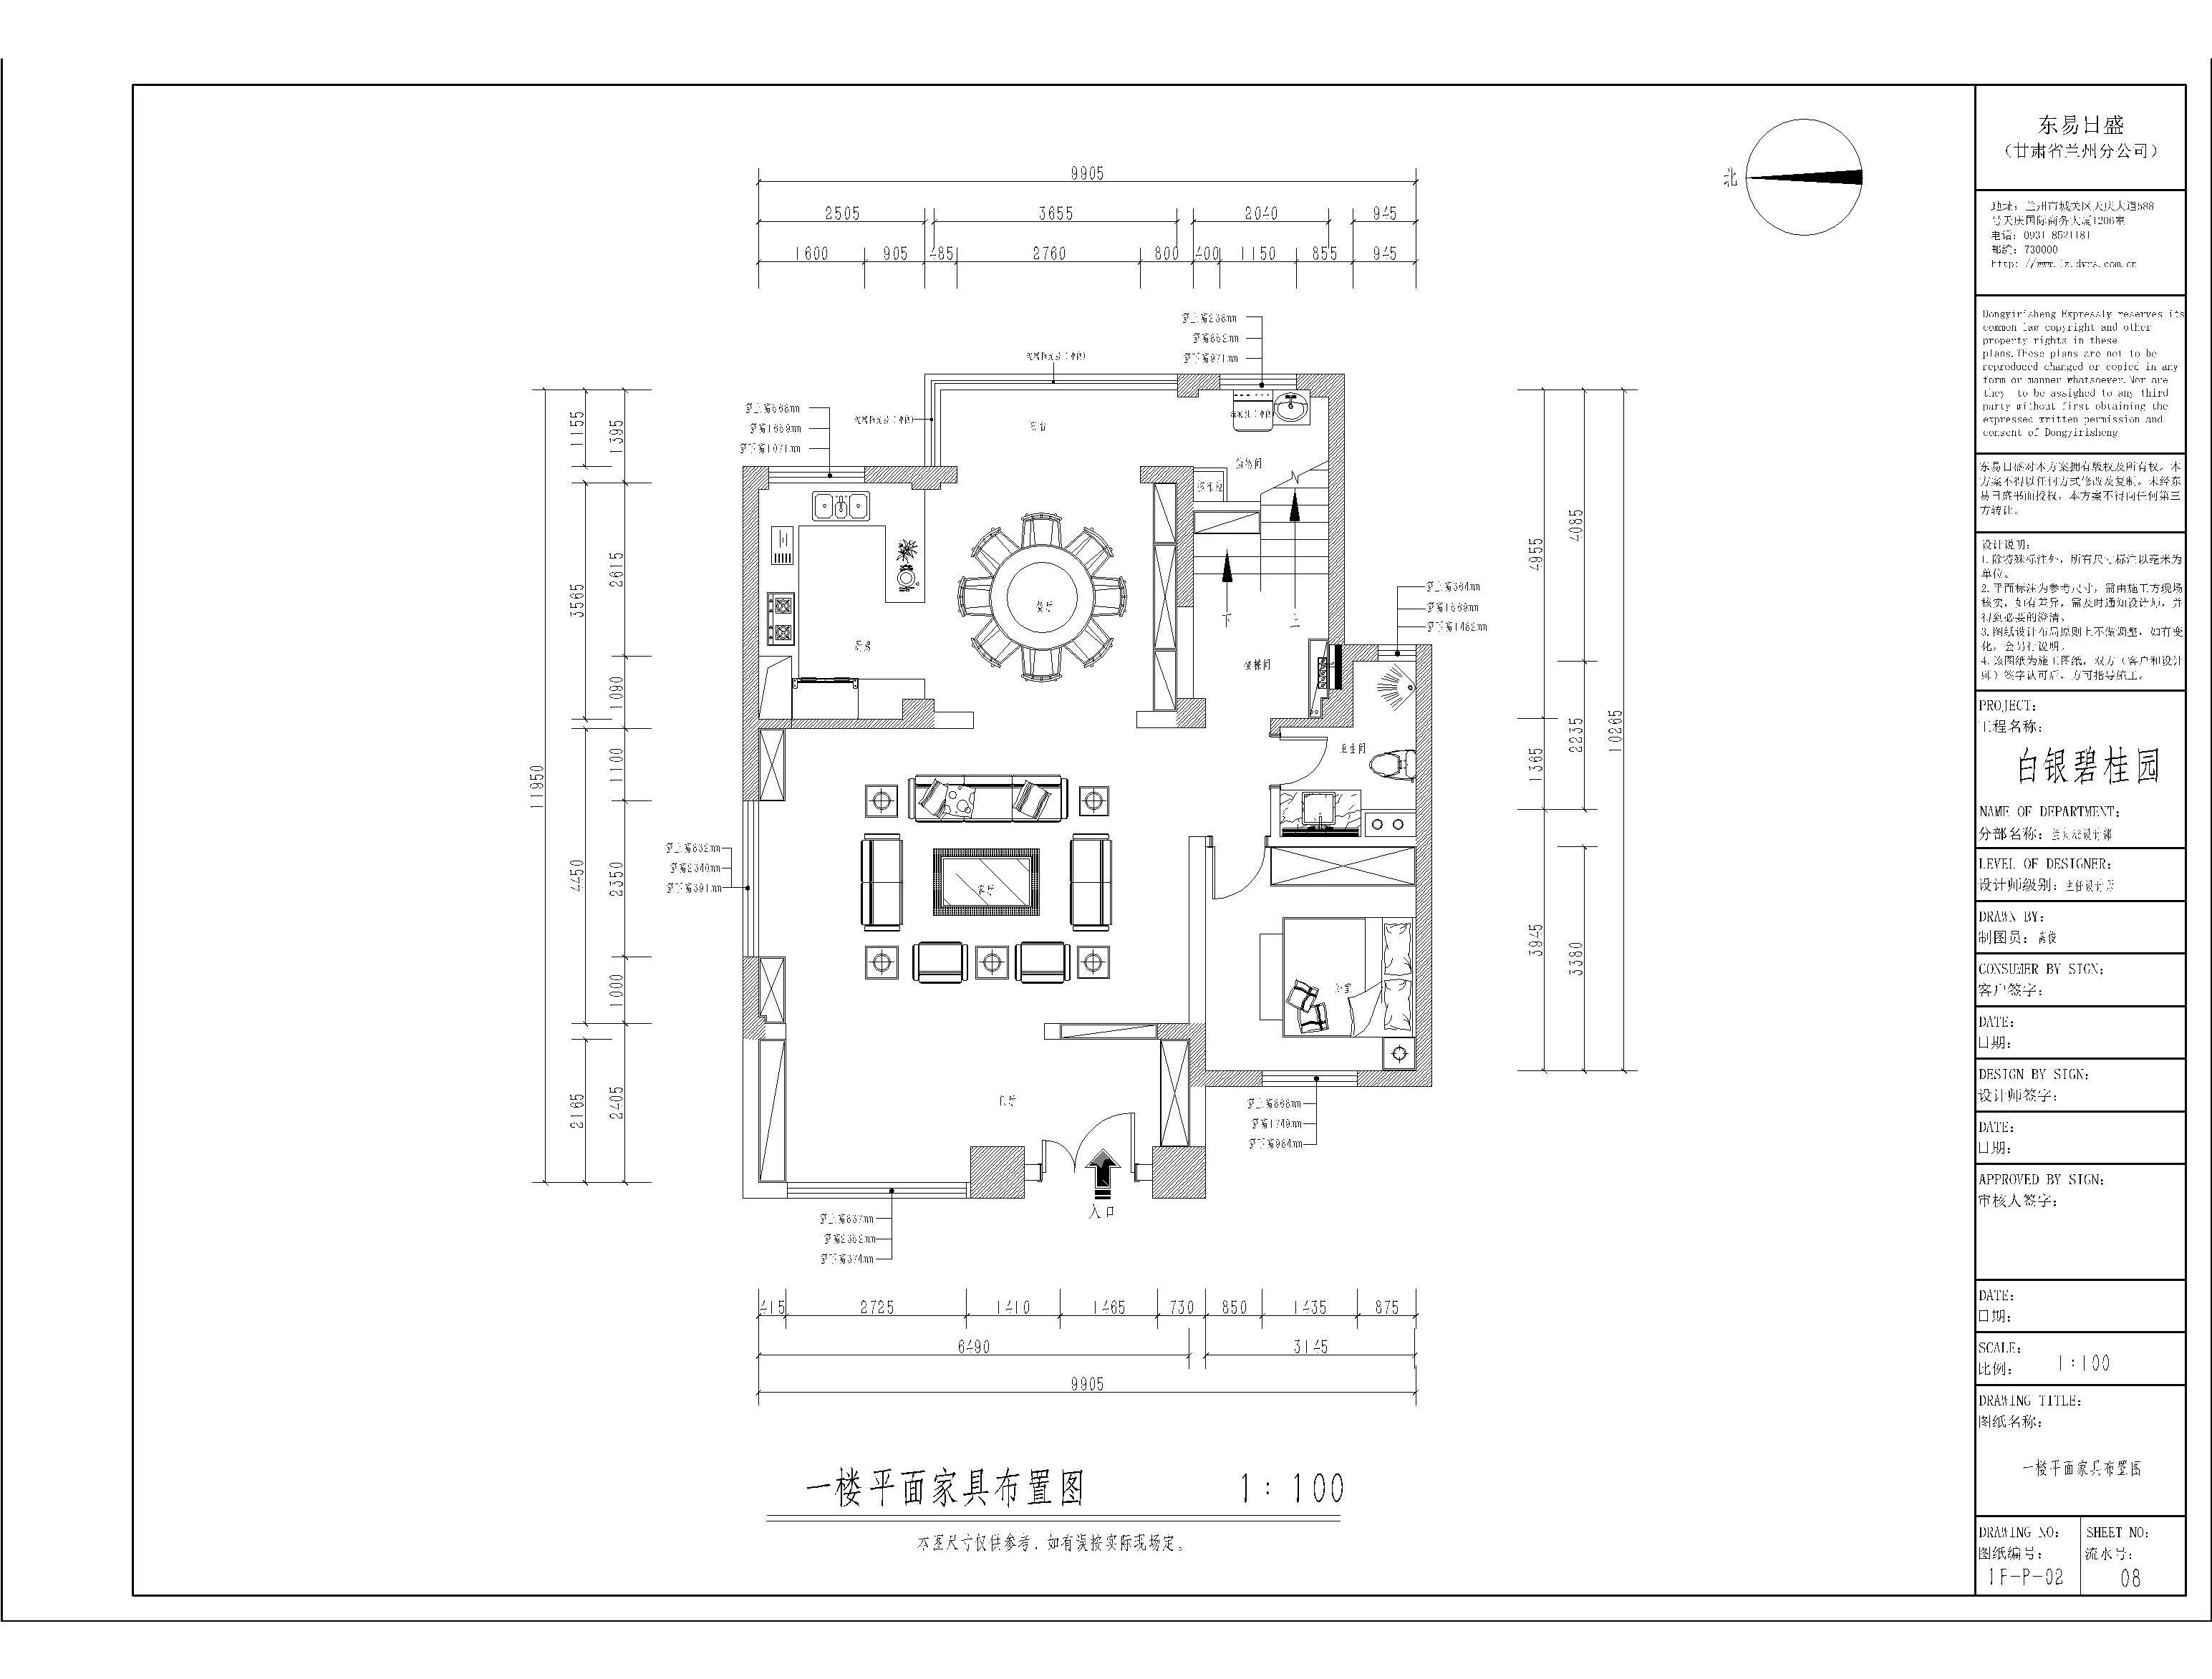 碧桂园-261平米-小美风格装修案例效果图装修设计理念